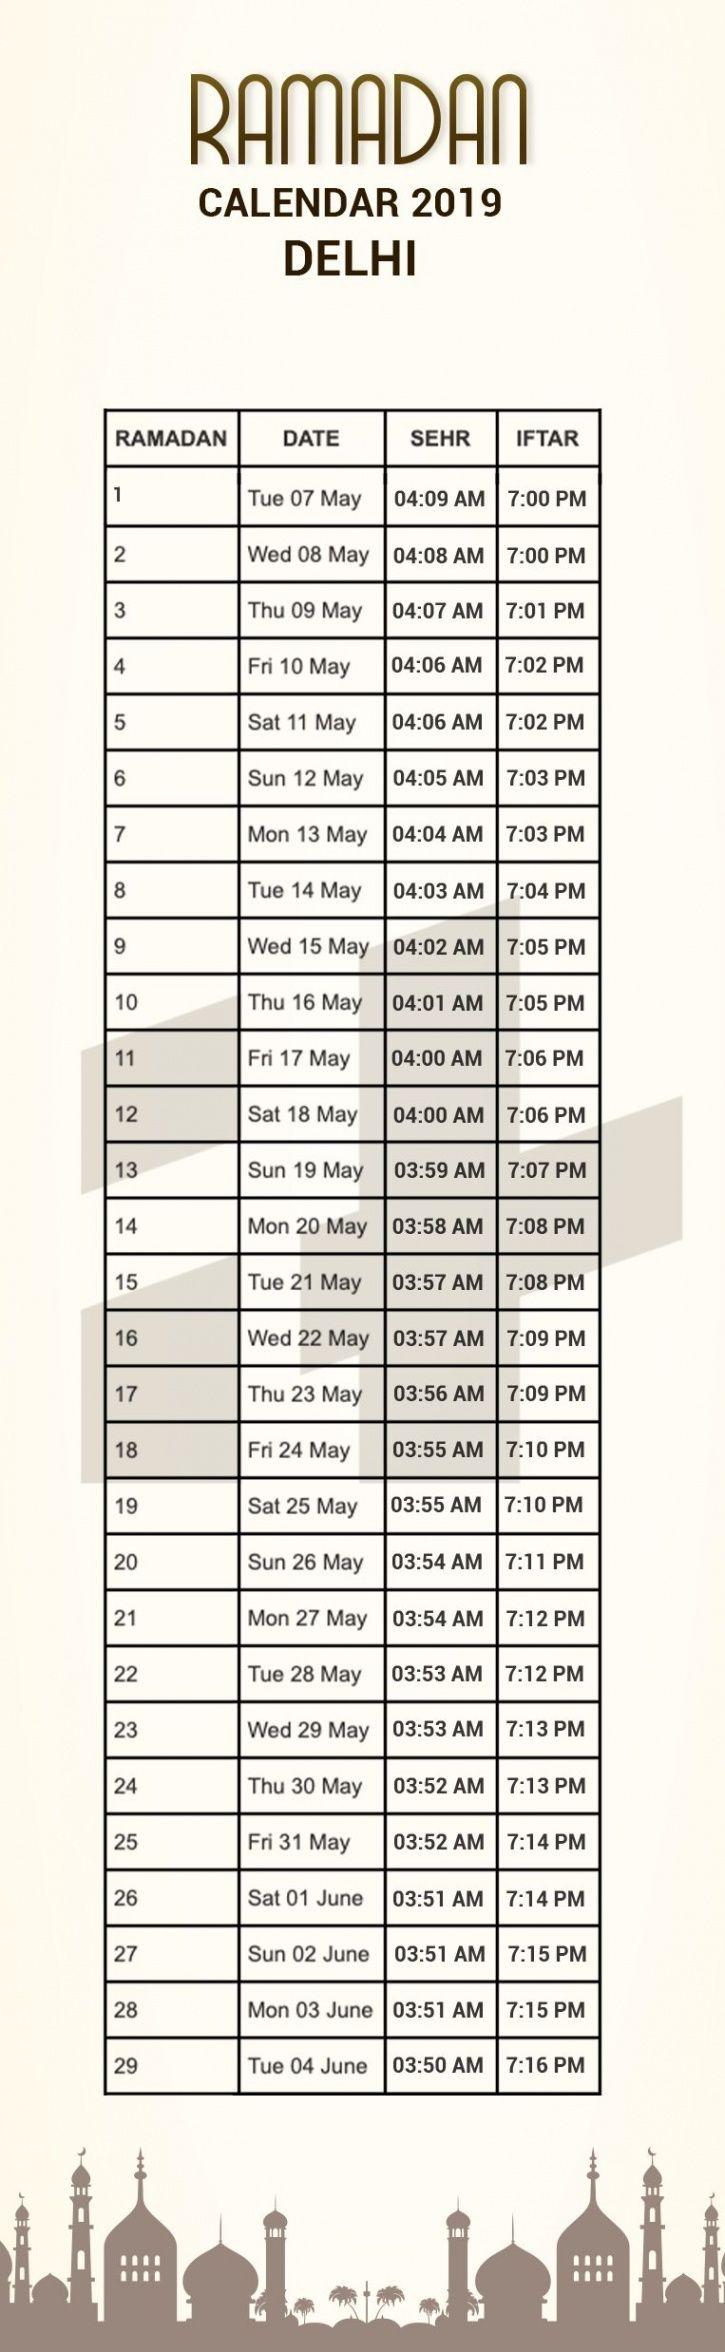 Calendar of Iftar timings in delhi